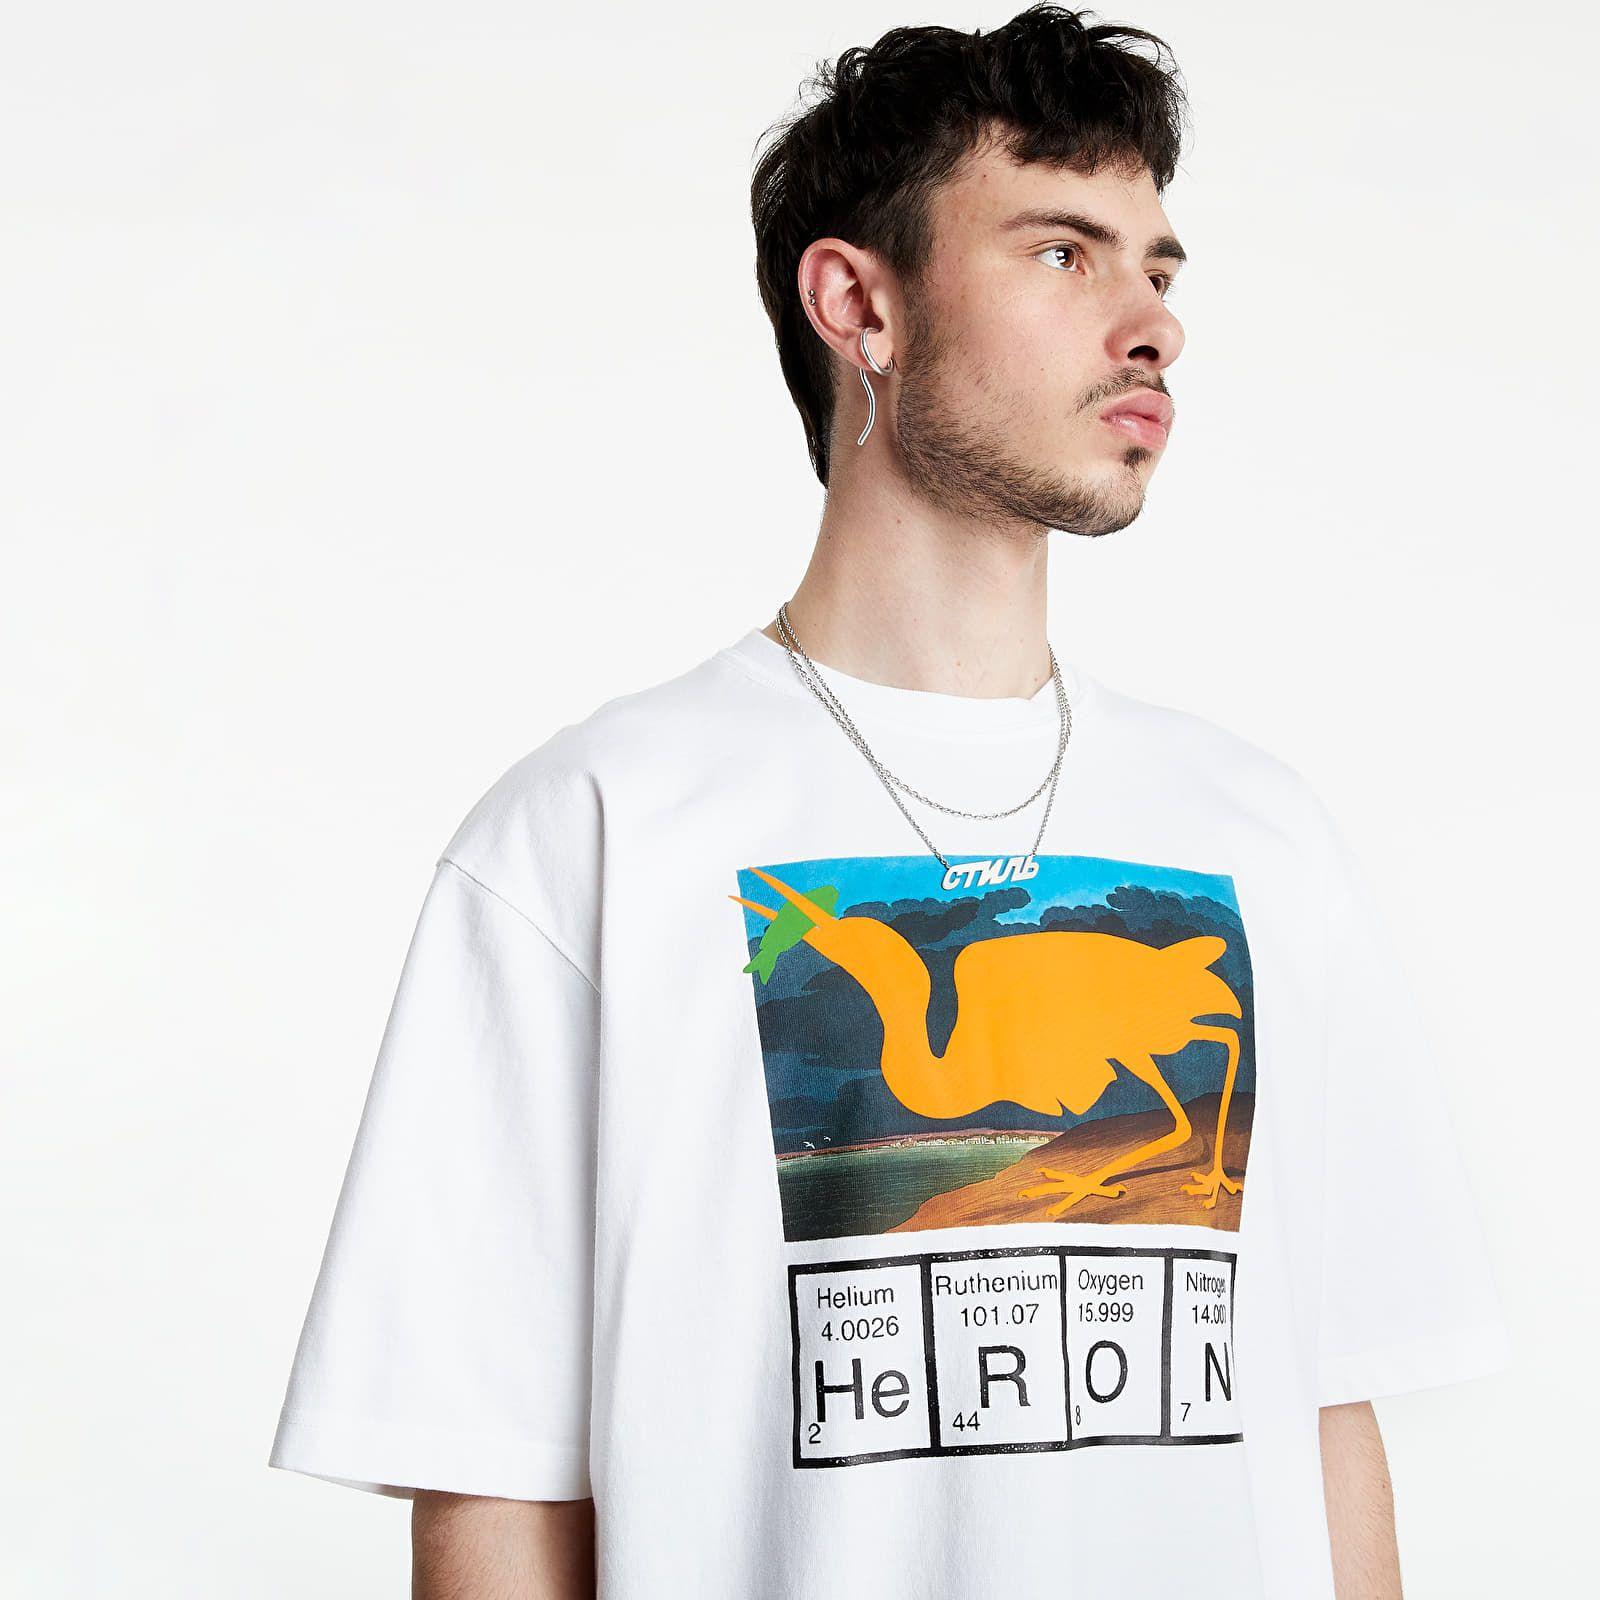 Vybrali sme 20 najzaujímavejších tričiek na letné obdobie pre mužov aj ženy. Hitom sú čisto biele či batikované kúsky